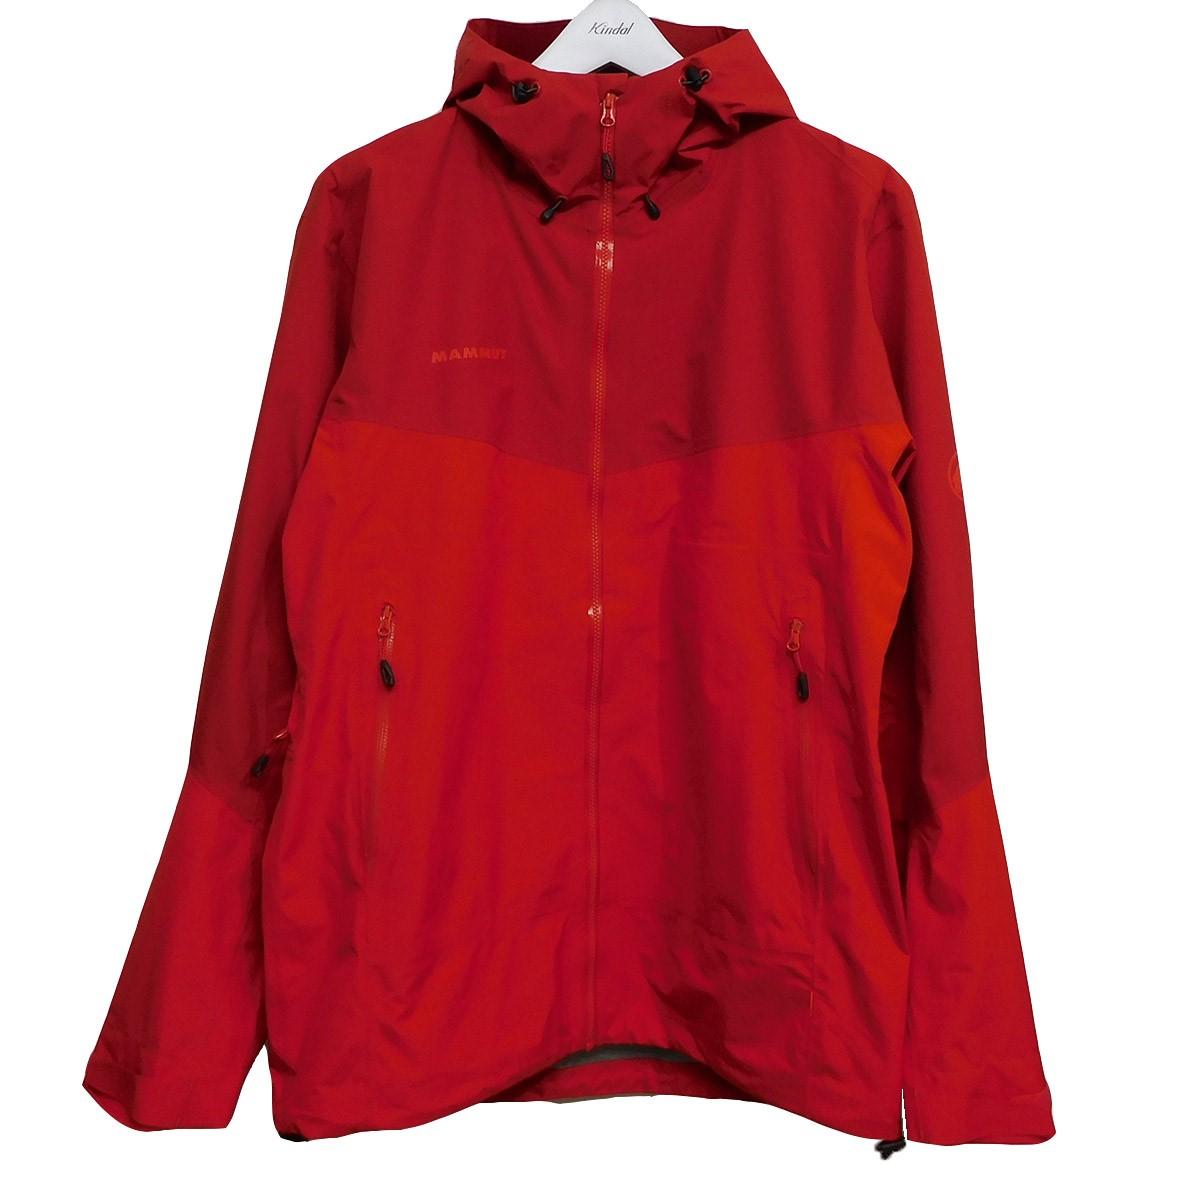 【中古】MAMMUT Convey Tour HS Hooded Jacket GORE-TEXマウンテンパーカー レッド サイズ:ASIA:XL 【280720】(マムート)